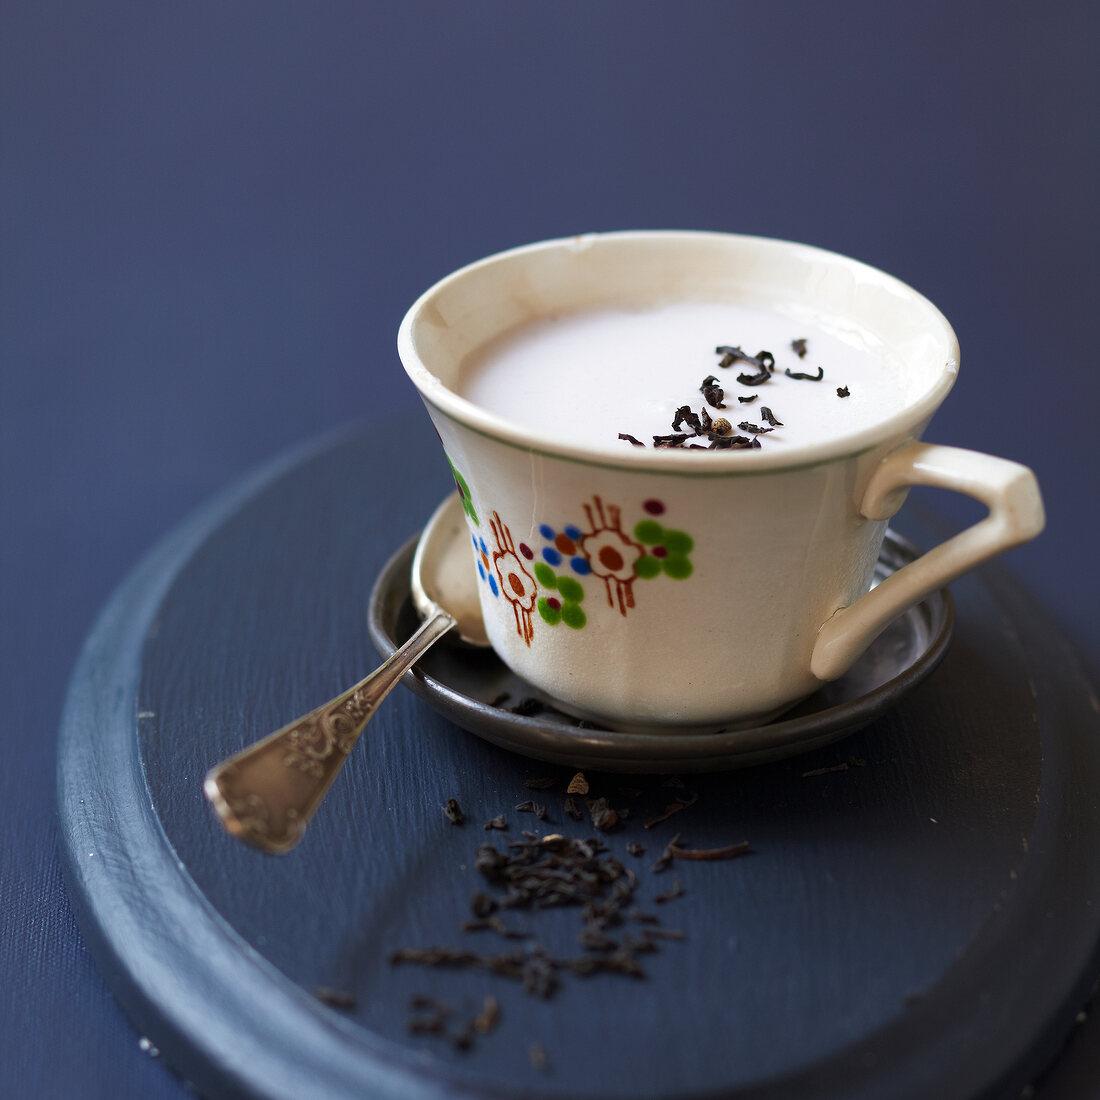 moked tea yoghurt